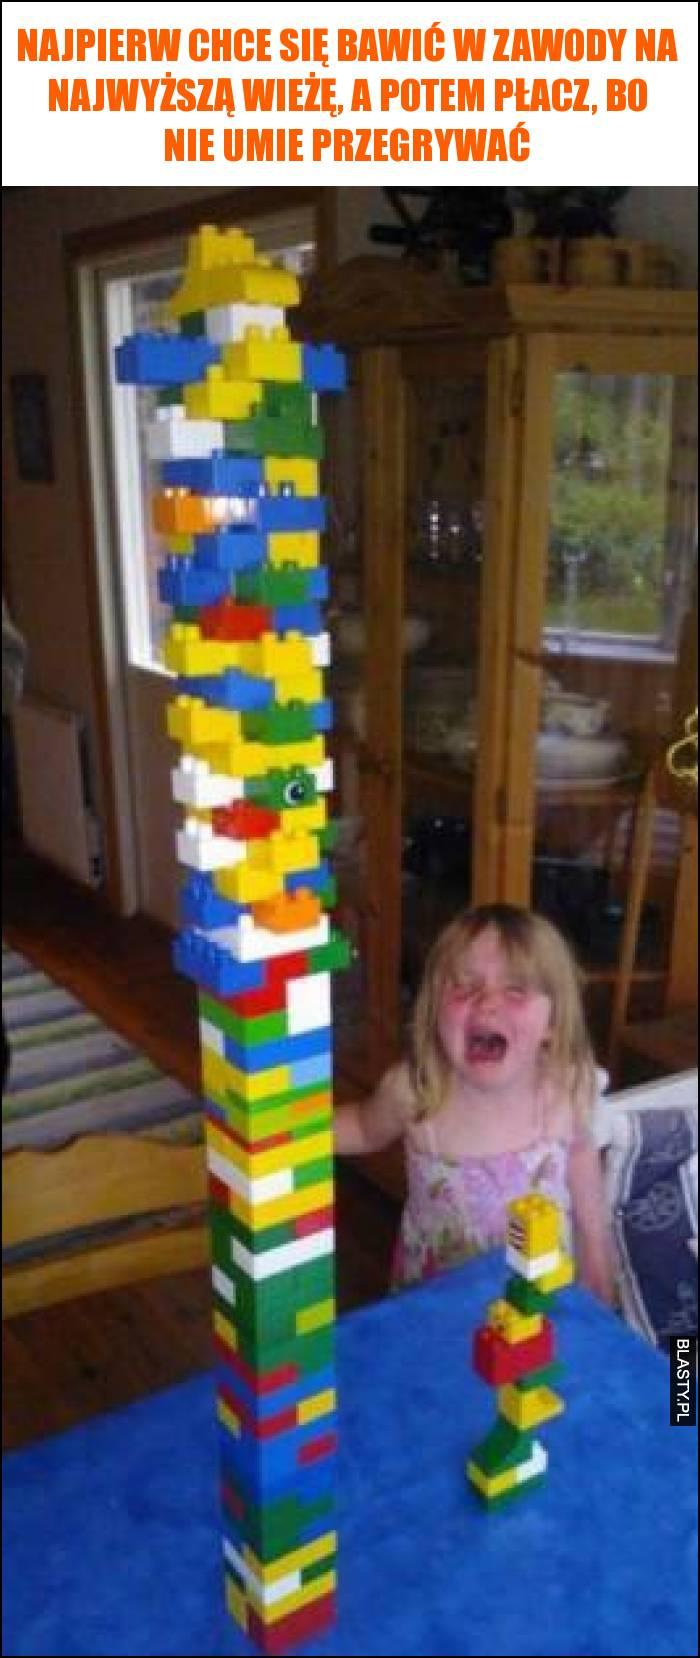 Najpierw chce się bawić w zawody na najwyższą wieżę, a potem płacz, bo nie umie przegrywać